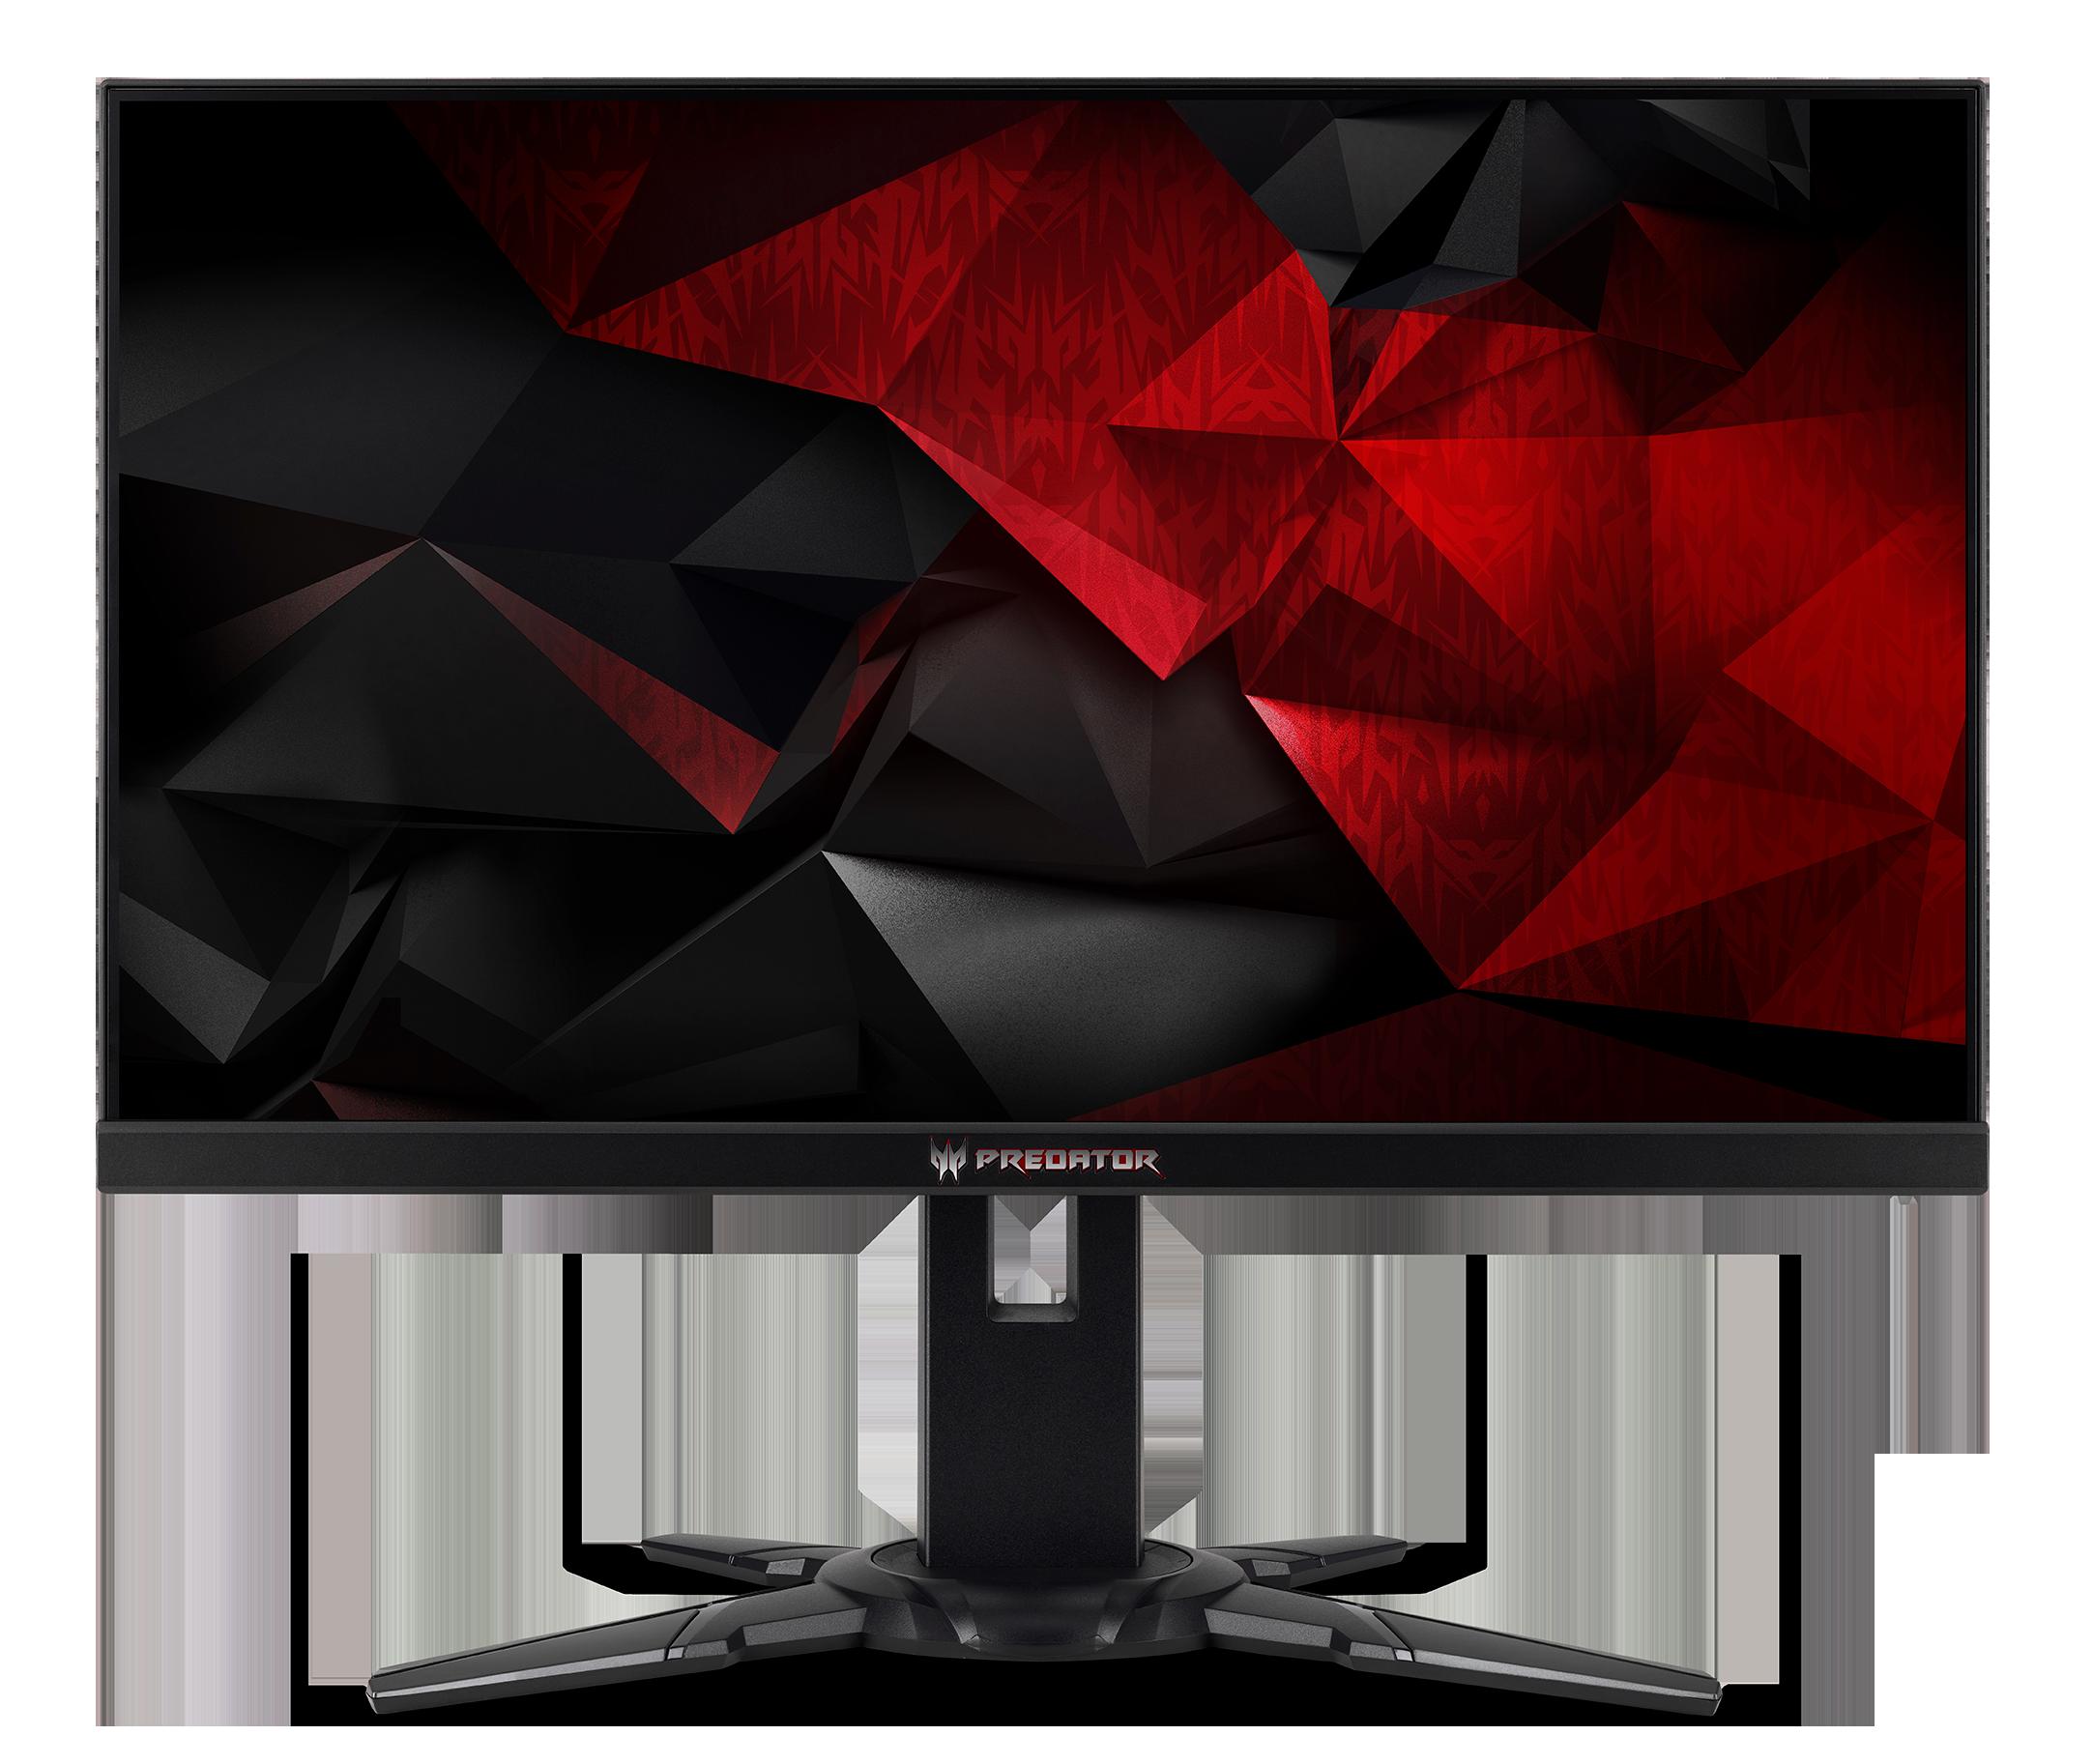 24,5'' Acer Predator XB252Q - TN,FullHD,1ms,240Hz,400cd/m2, 100M:1,16:9,HDMI,DP,USB,repro,pivot